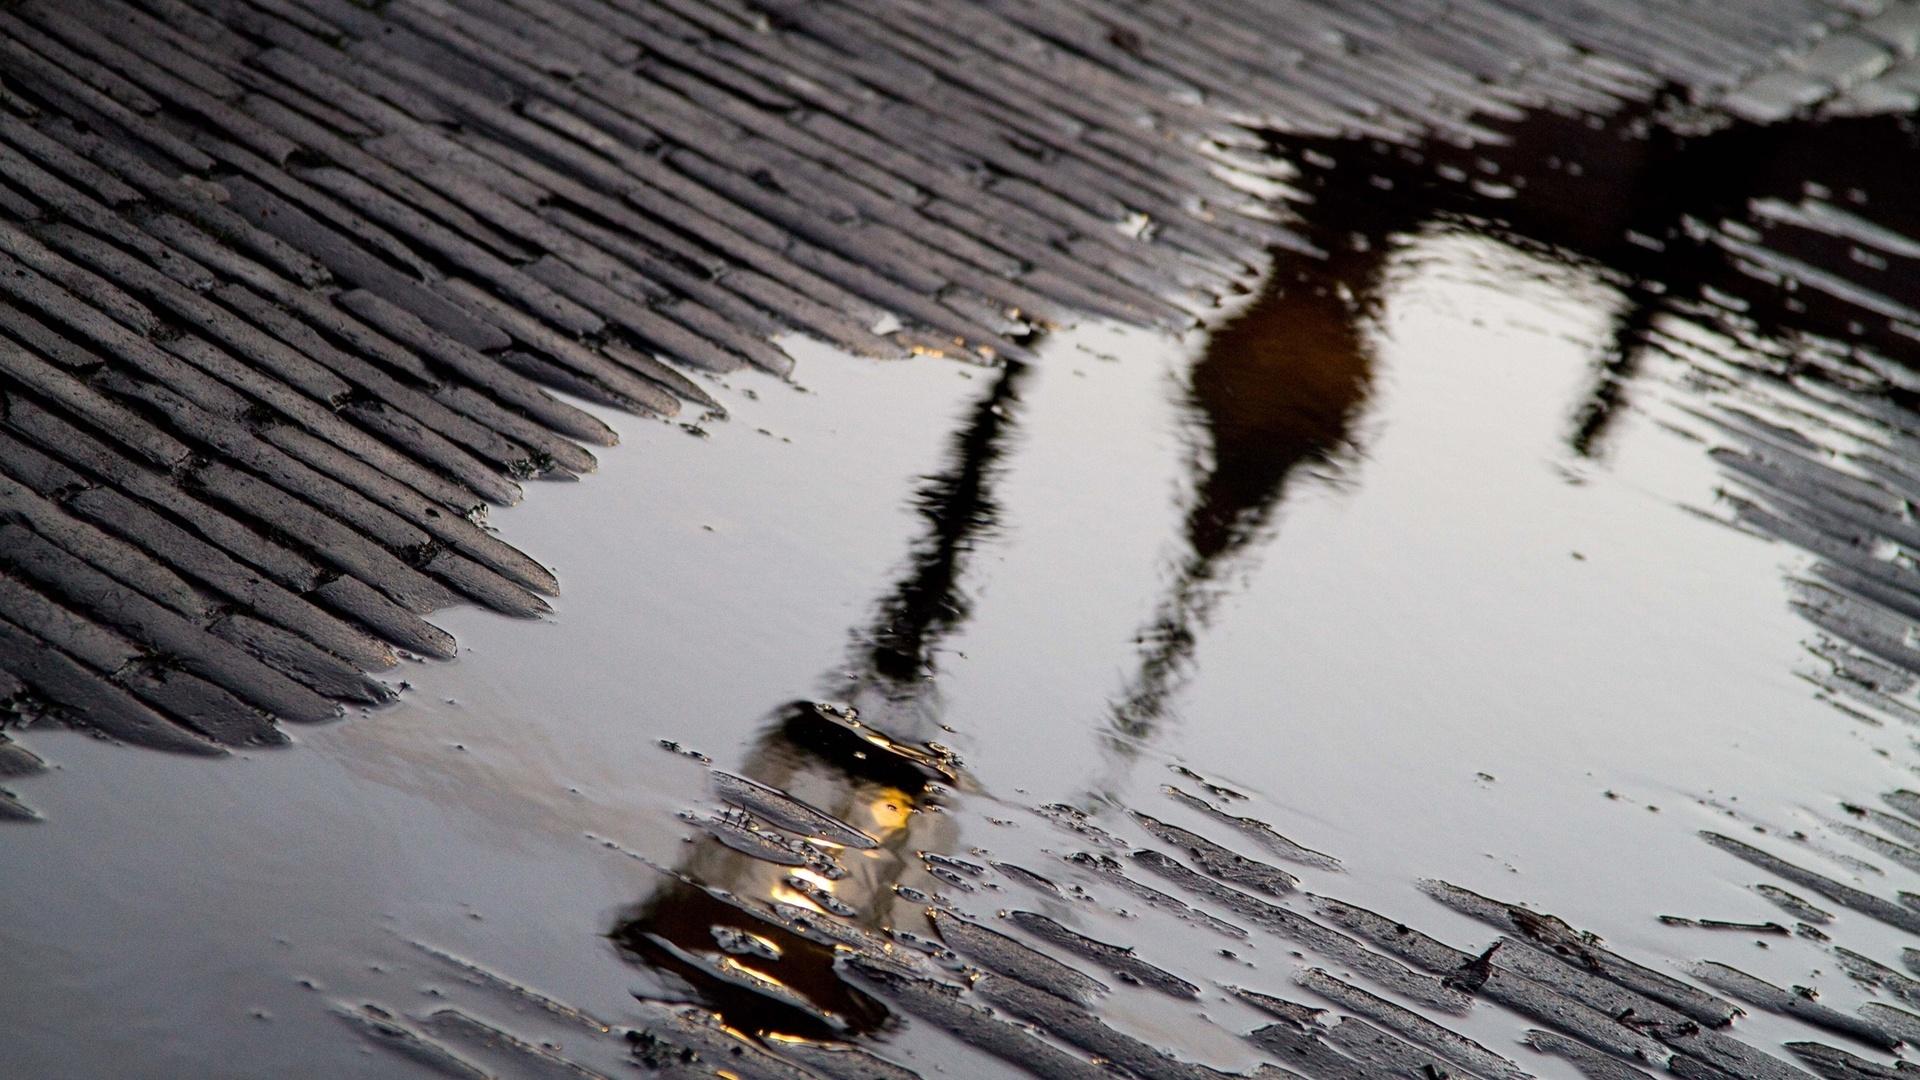 картинки с дождем и лужами большой